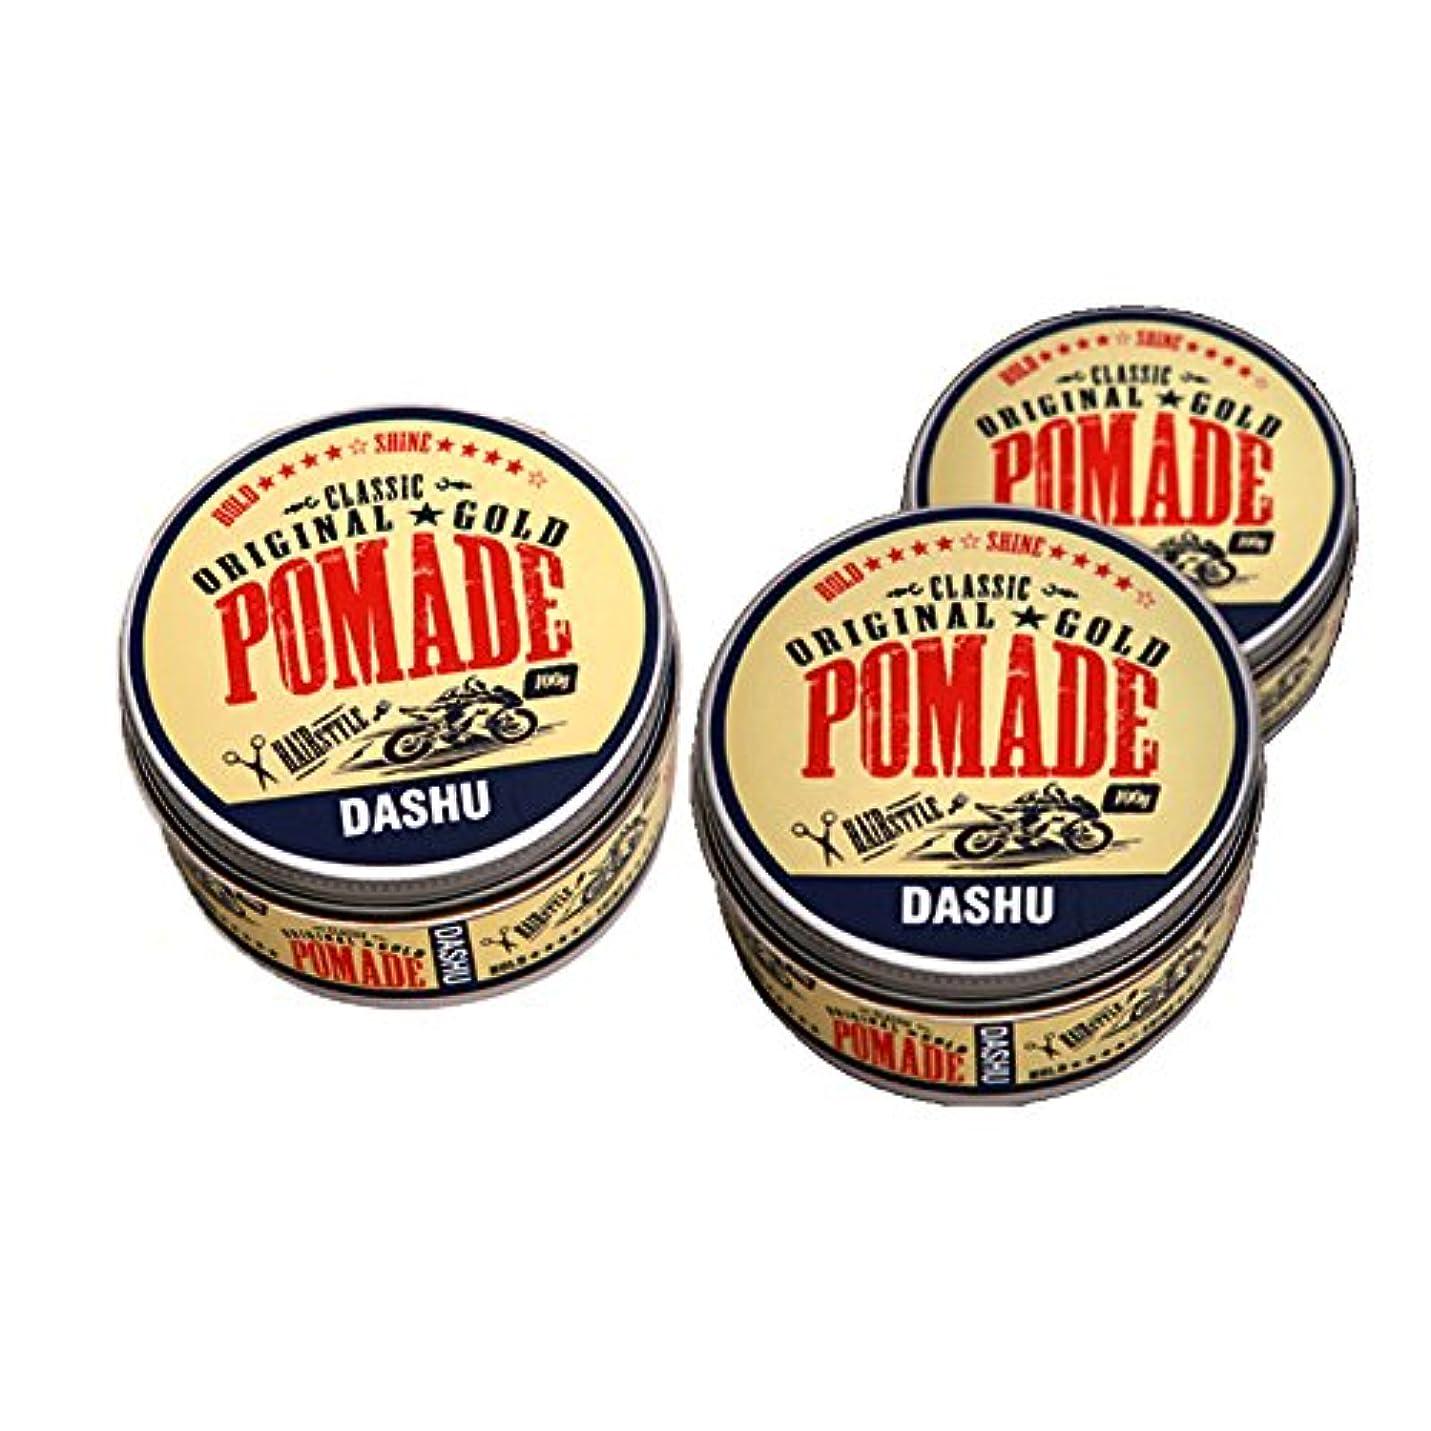 すり負担オーバーヘッド(3個セット) x [DASHU] ダシュ クラシックオリジナルゴールドポマードヘアワックス Classic Original Gold Pomade Hair Wax 100ml / 韓国製 . 韓国直送品